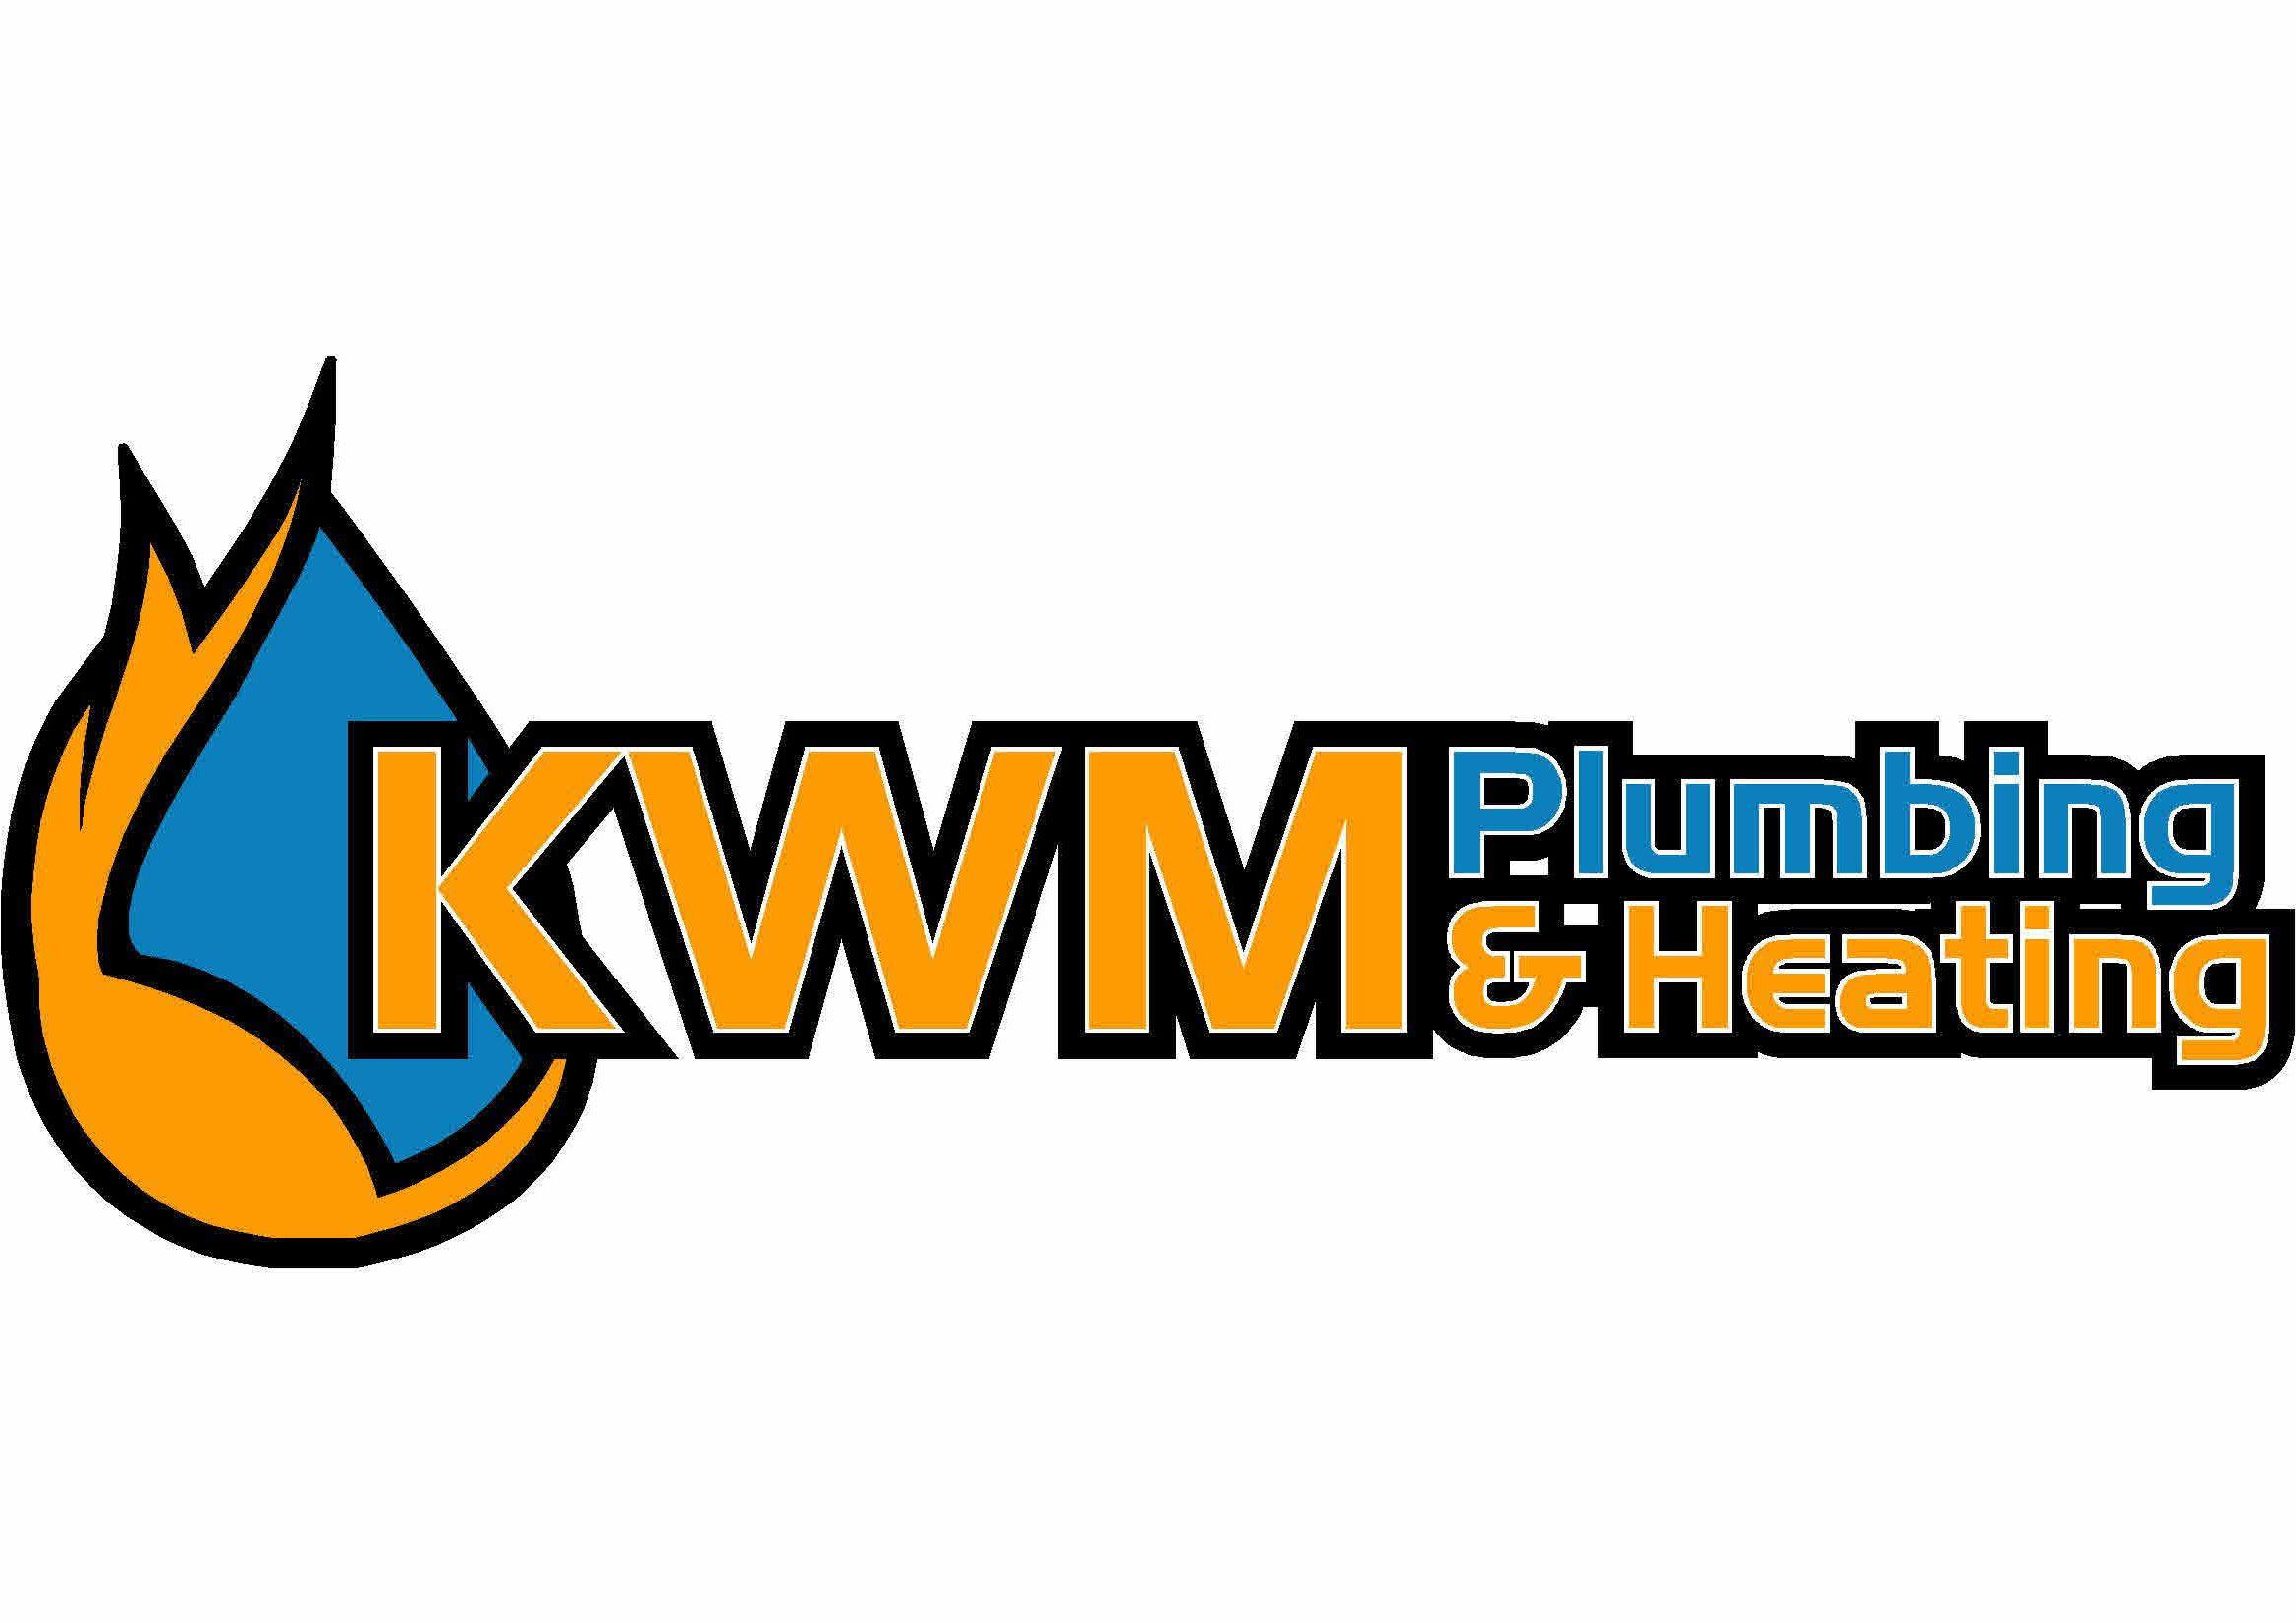 KWM Plumbing and Heating